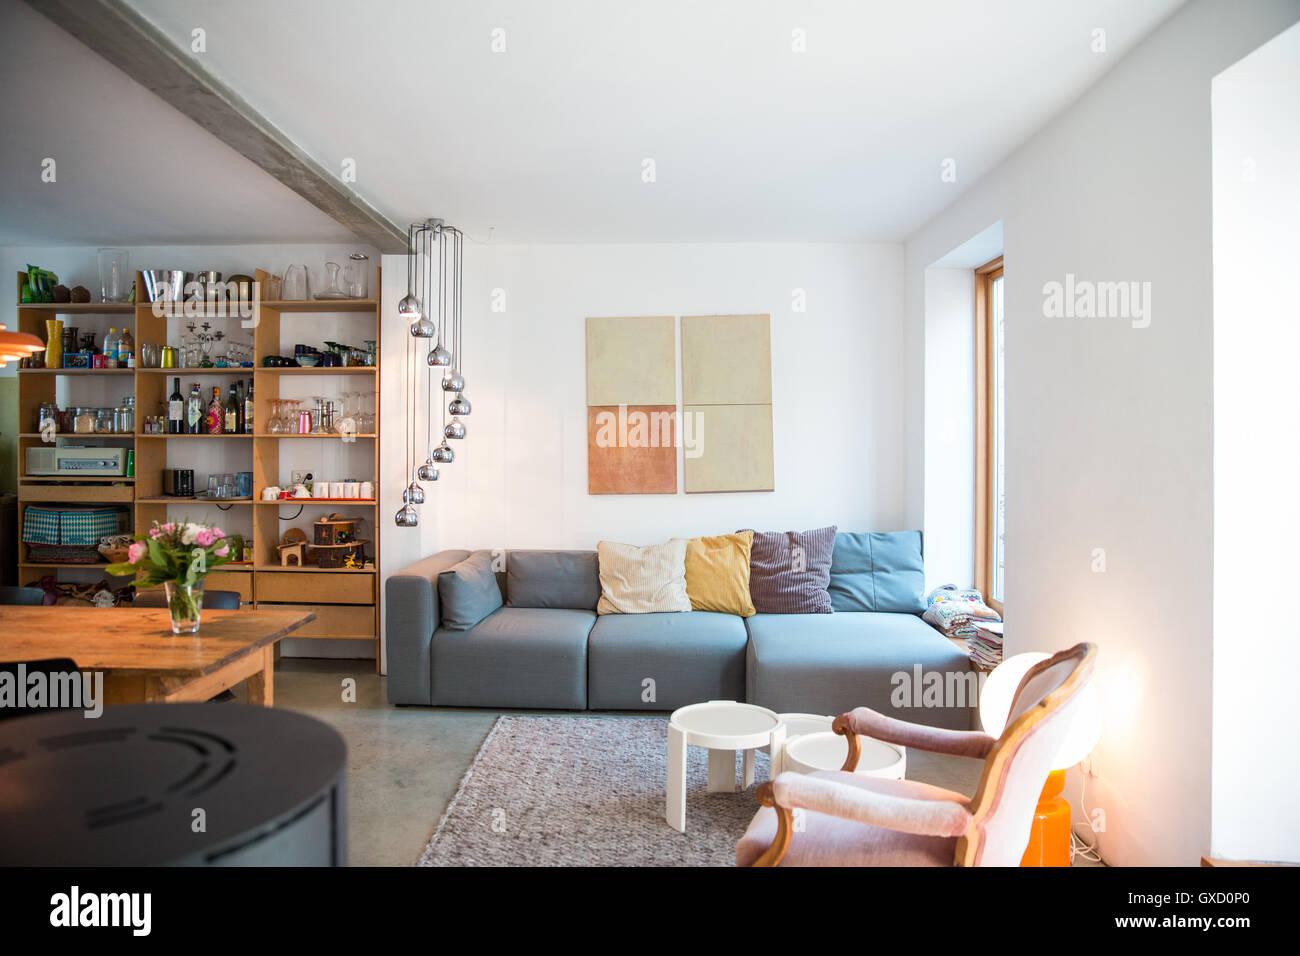 Wohnzimmer im modernen Haus Stockbild